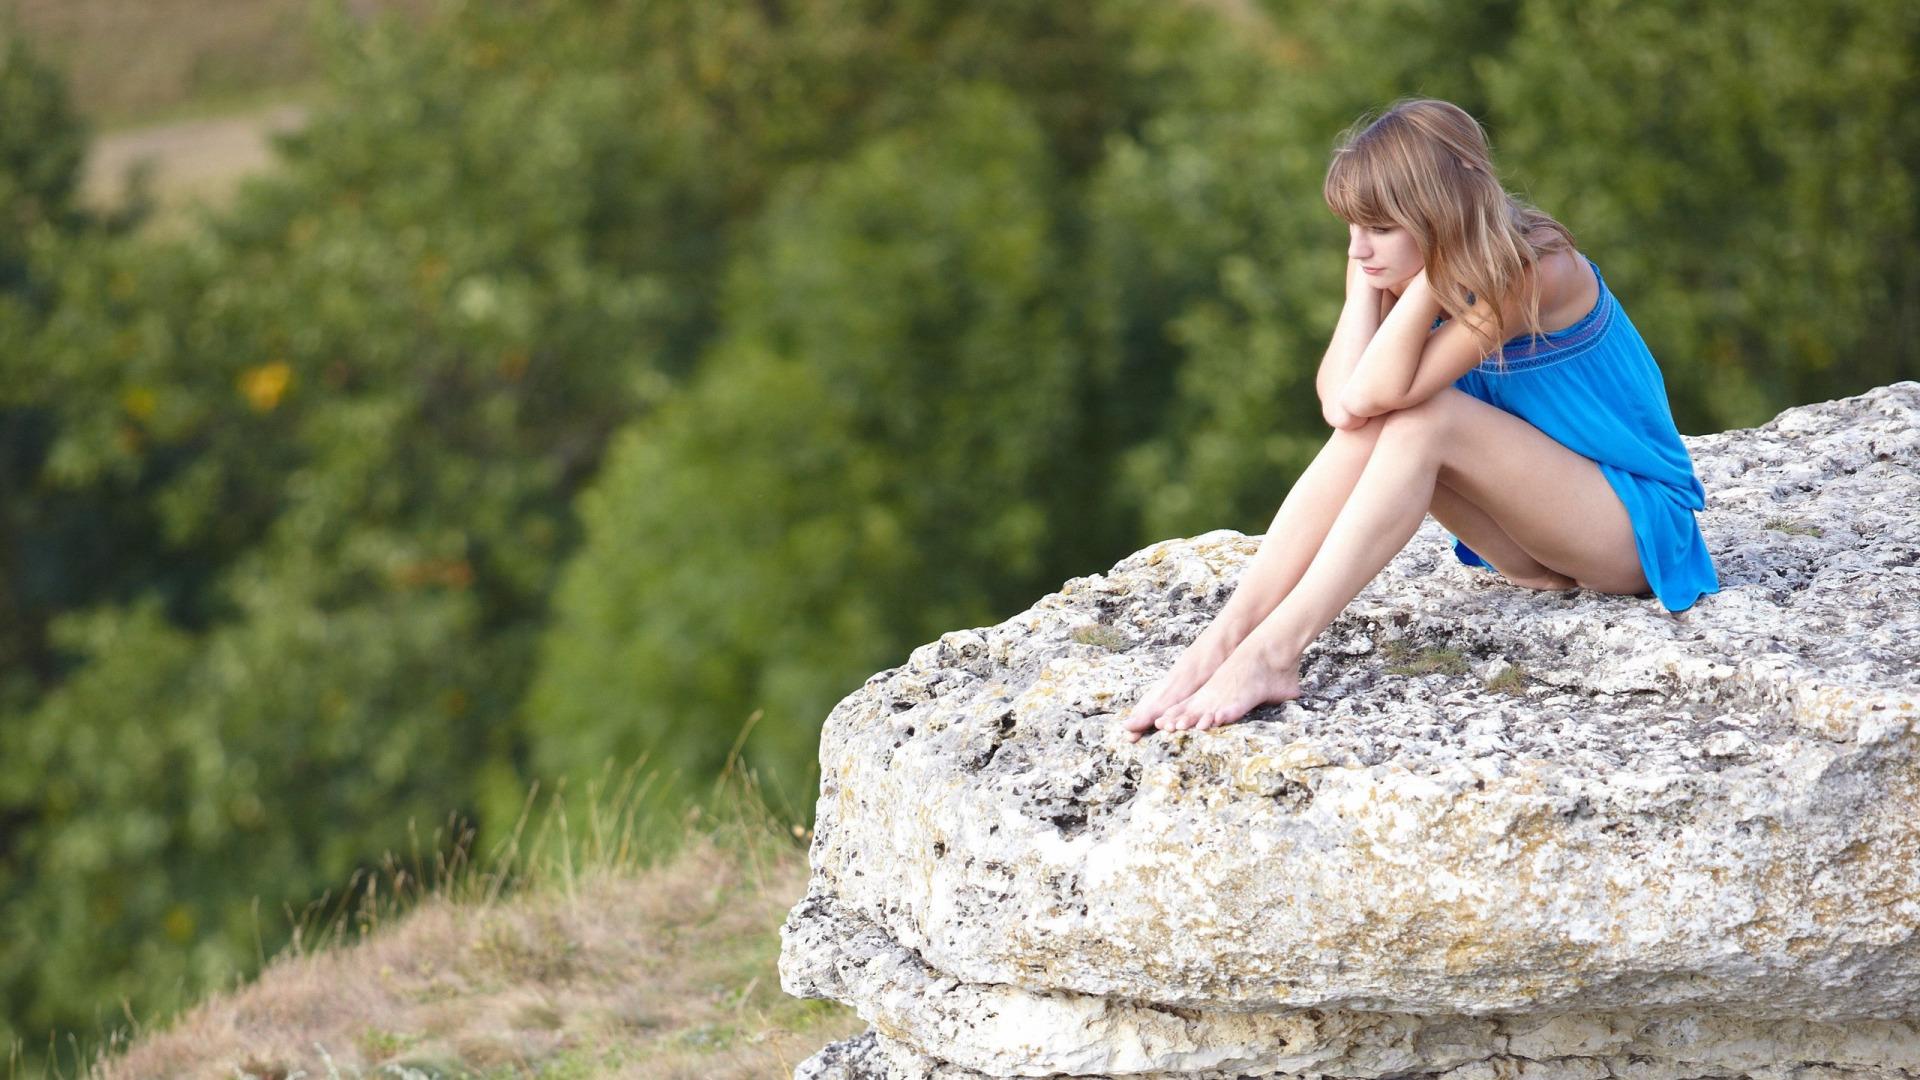 Парень фотографирует голую подружку у скалы  234532